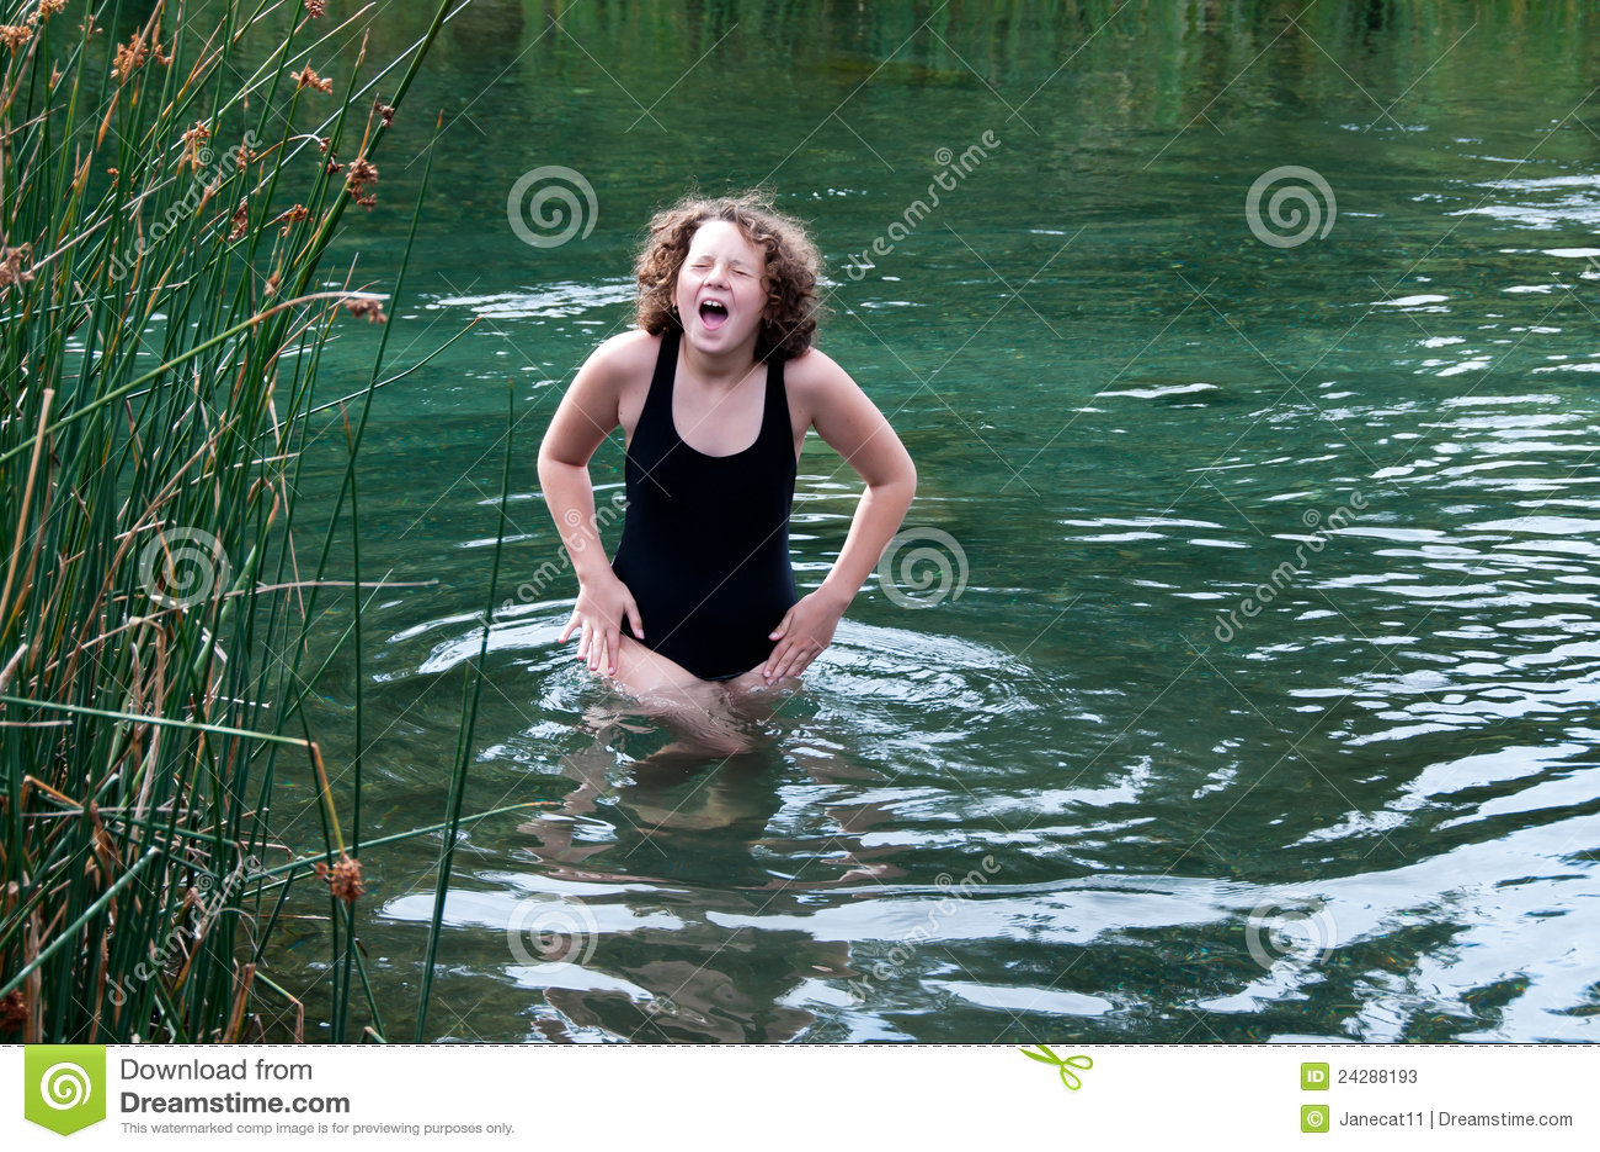 devushka-poplavala-v-reke-i-poshla-pereodevatsya-video-vitrahali-vo-vse-tri-dirki